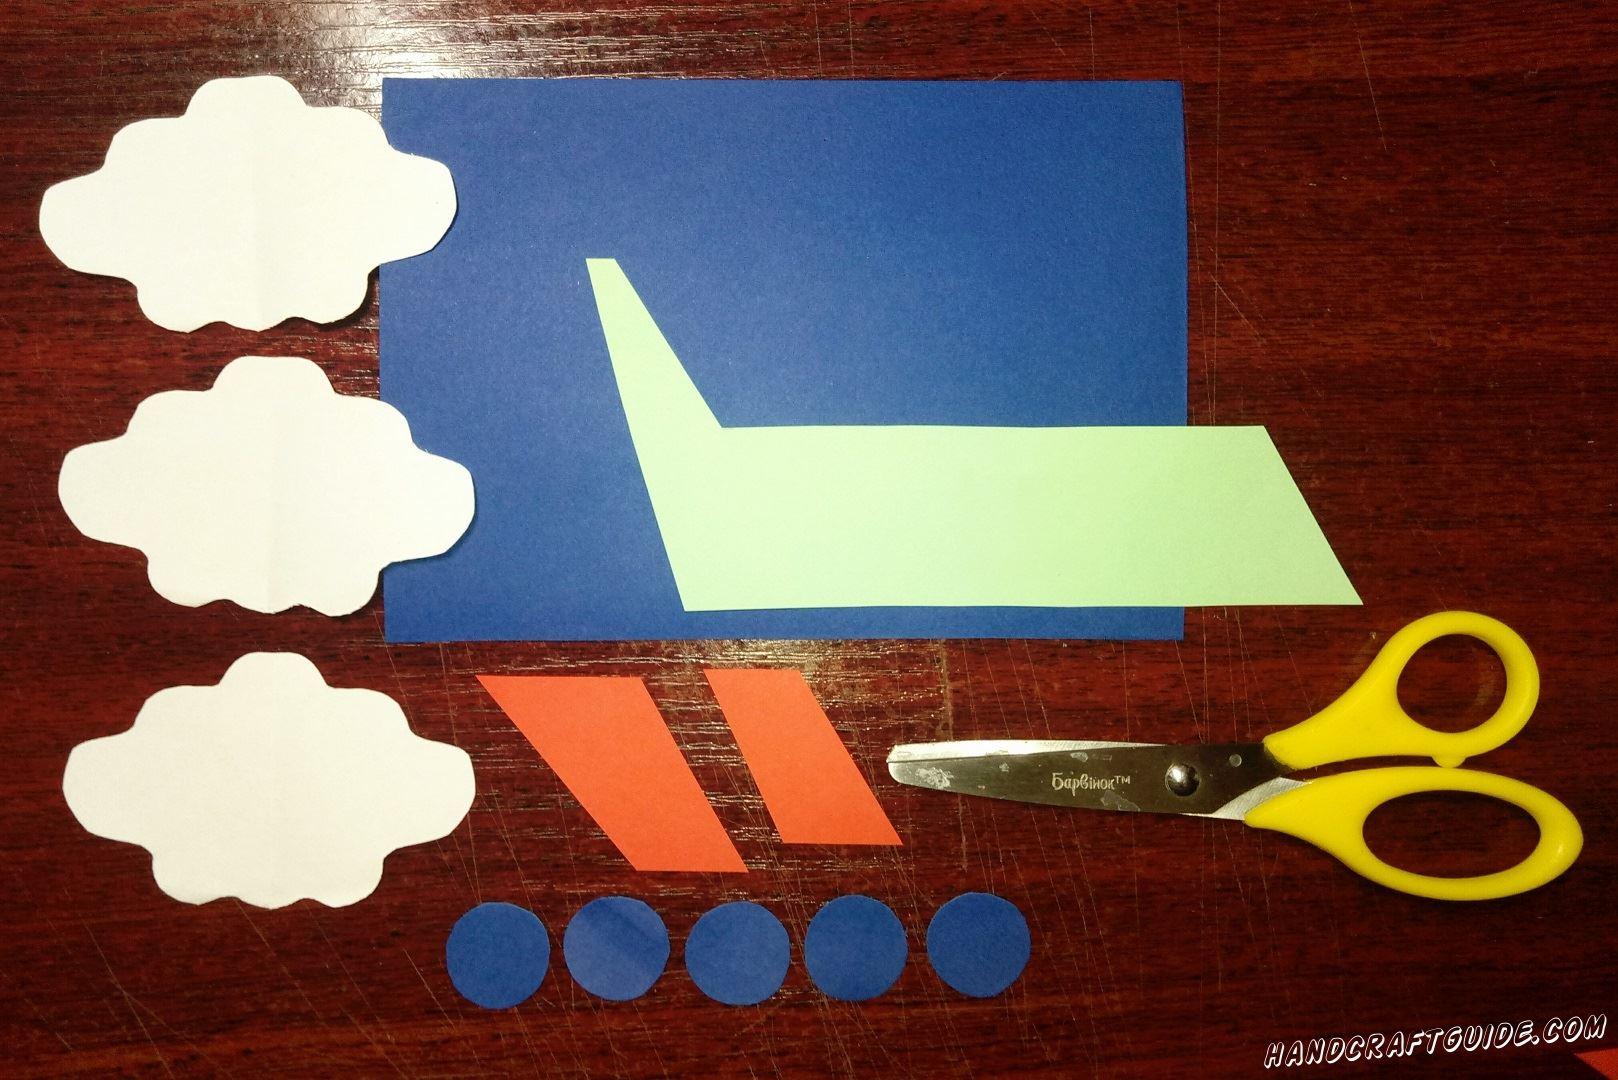 Из бумаги белого цвета мы вырезаем три облака. Теперь берем в руки цветную бумагу и вырезаем необходимые нам фигурки: светло-зелёный корпус самолёта, пять синих окошек и два красных крыла